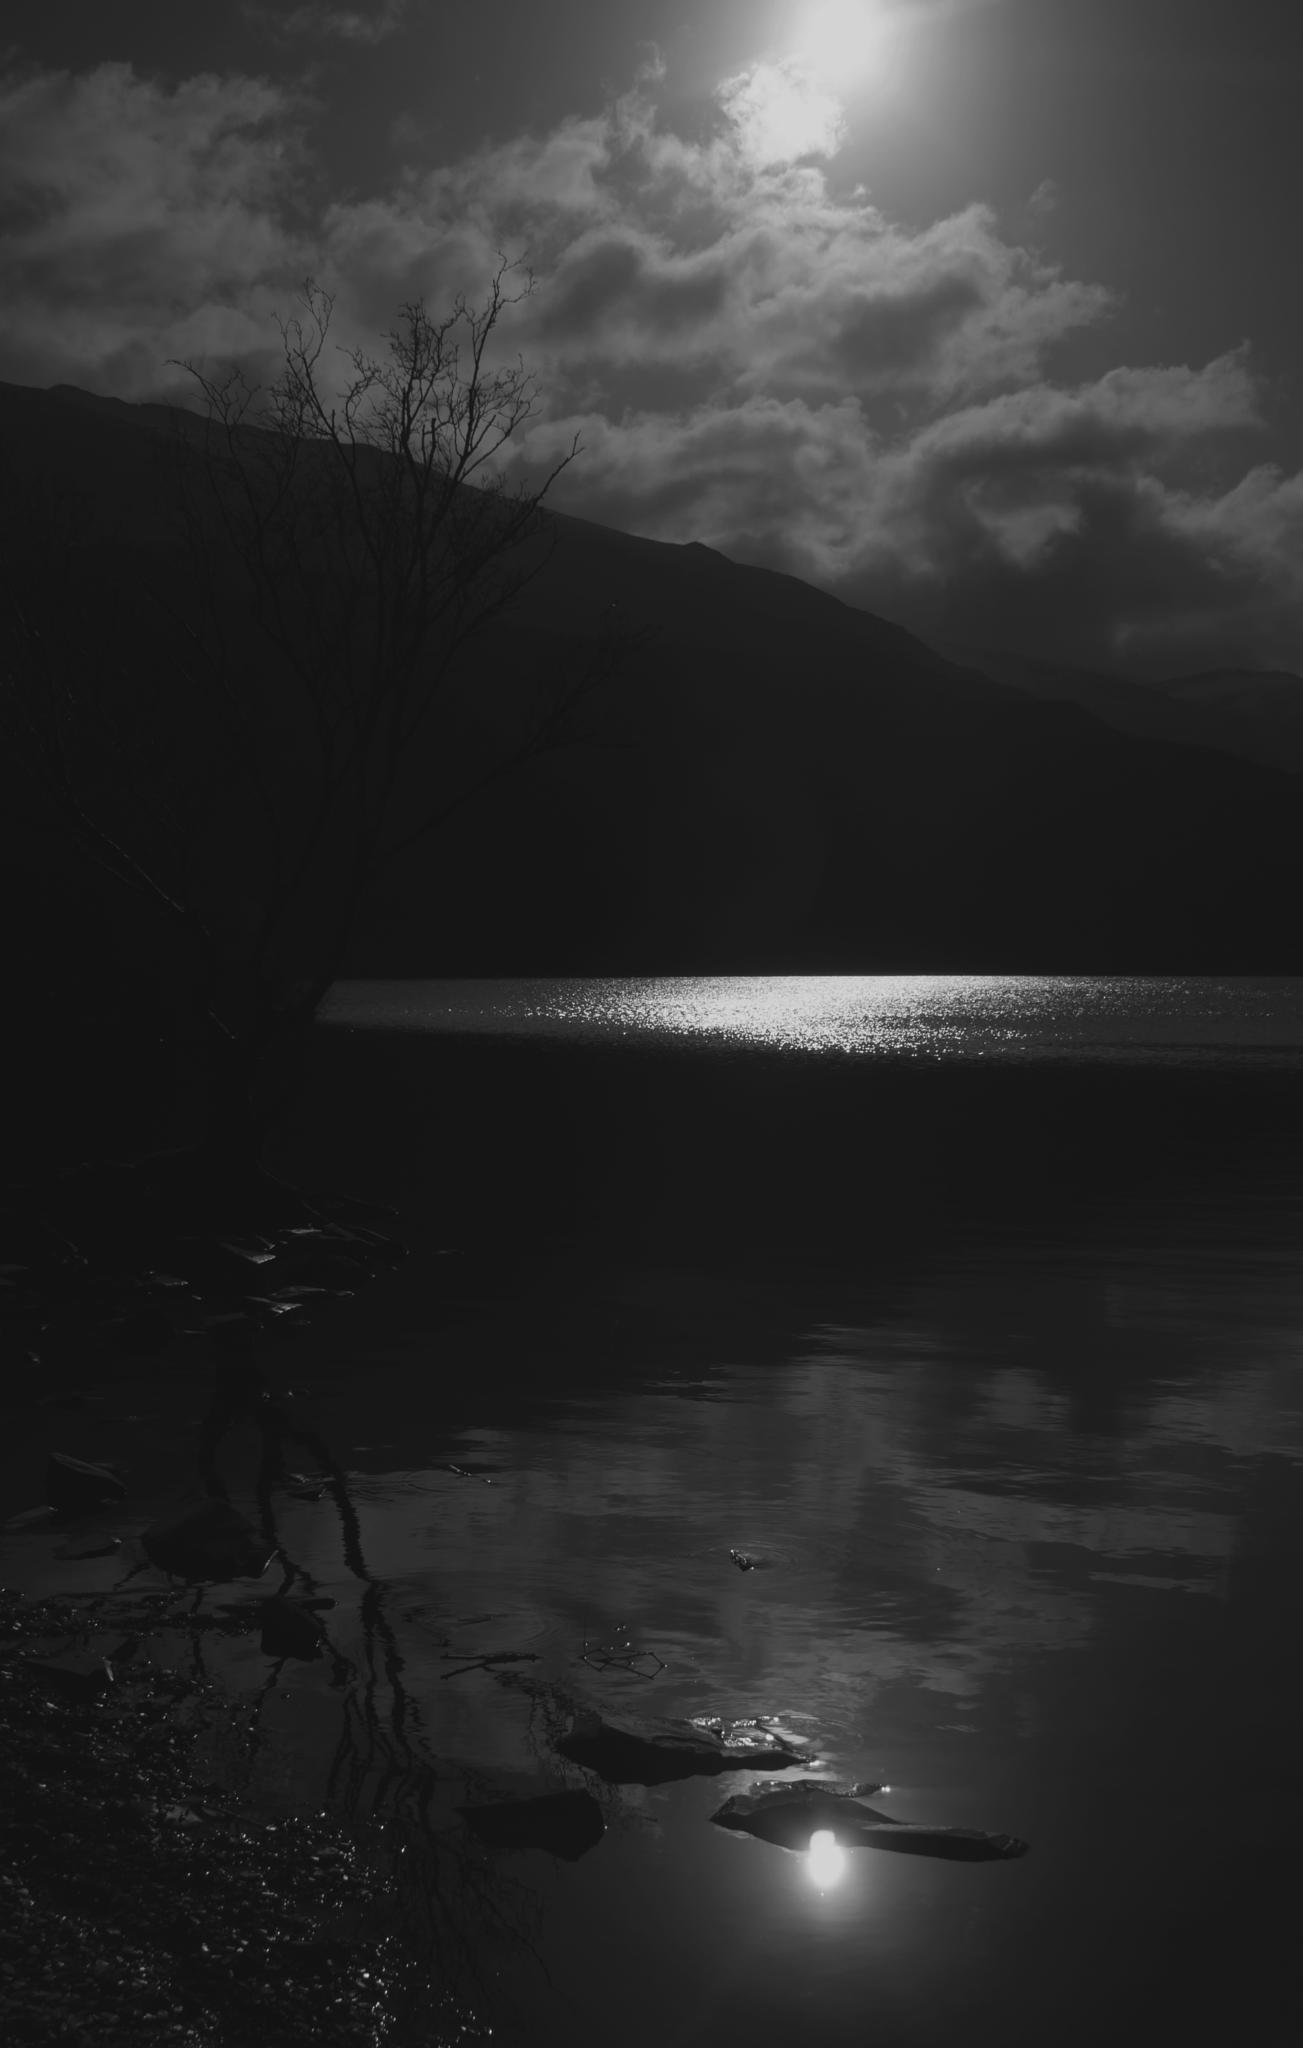 Sunrise over water. by hefin.owen